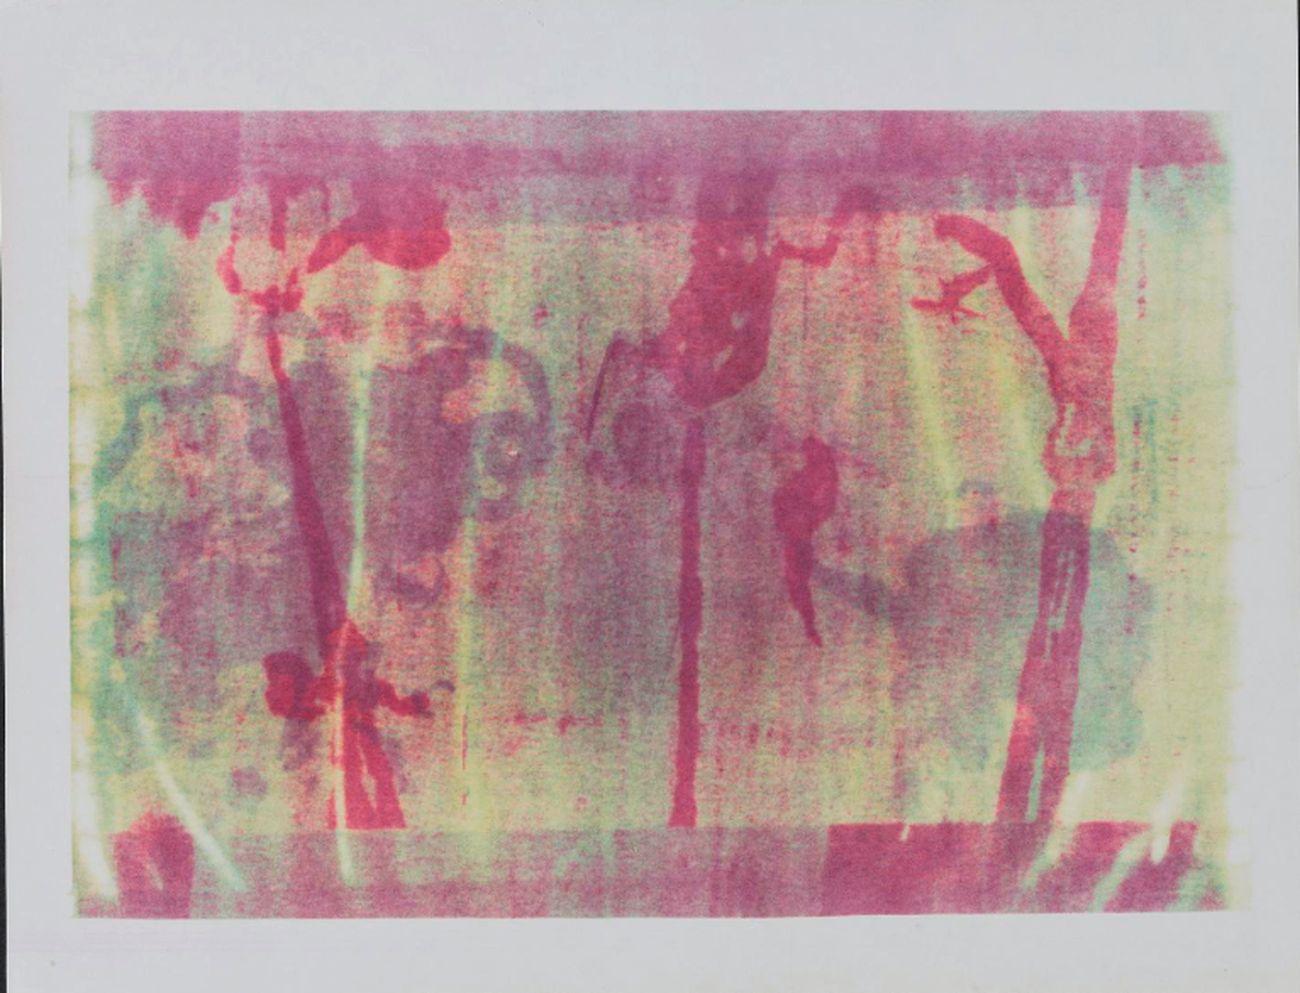 Esta Nesbitt, Studio sulla Xerografia , 1969